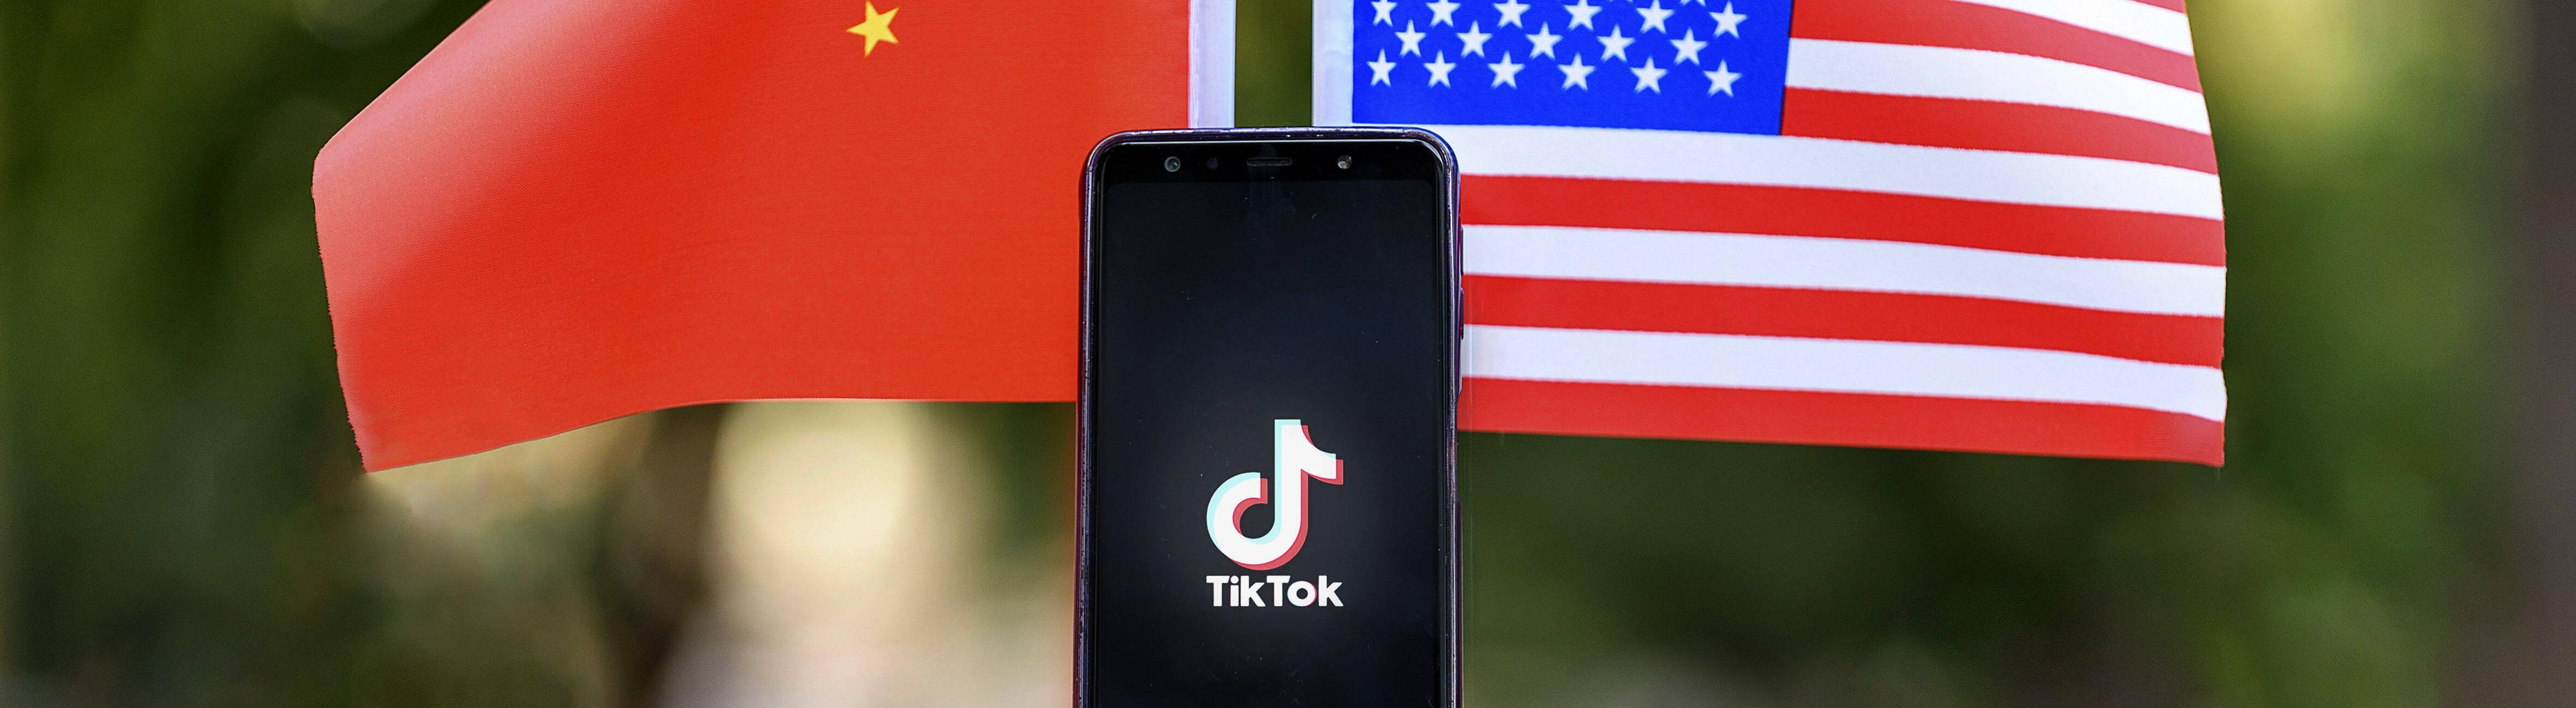 Ein Smartphone, dass das TikTok-Logo zeigt, steht zwischen zwei Miniaturflaggen der Volksrepublik China und der Vereinigten Staaten von Amerika.